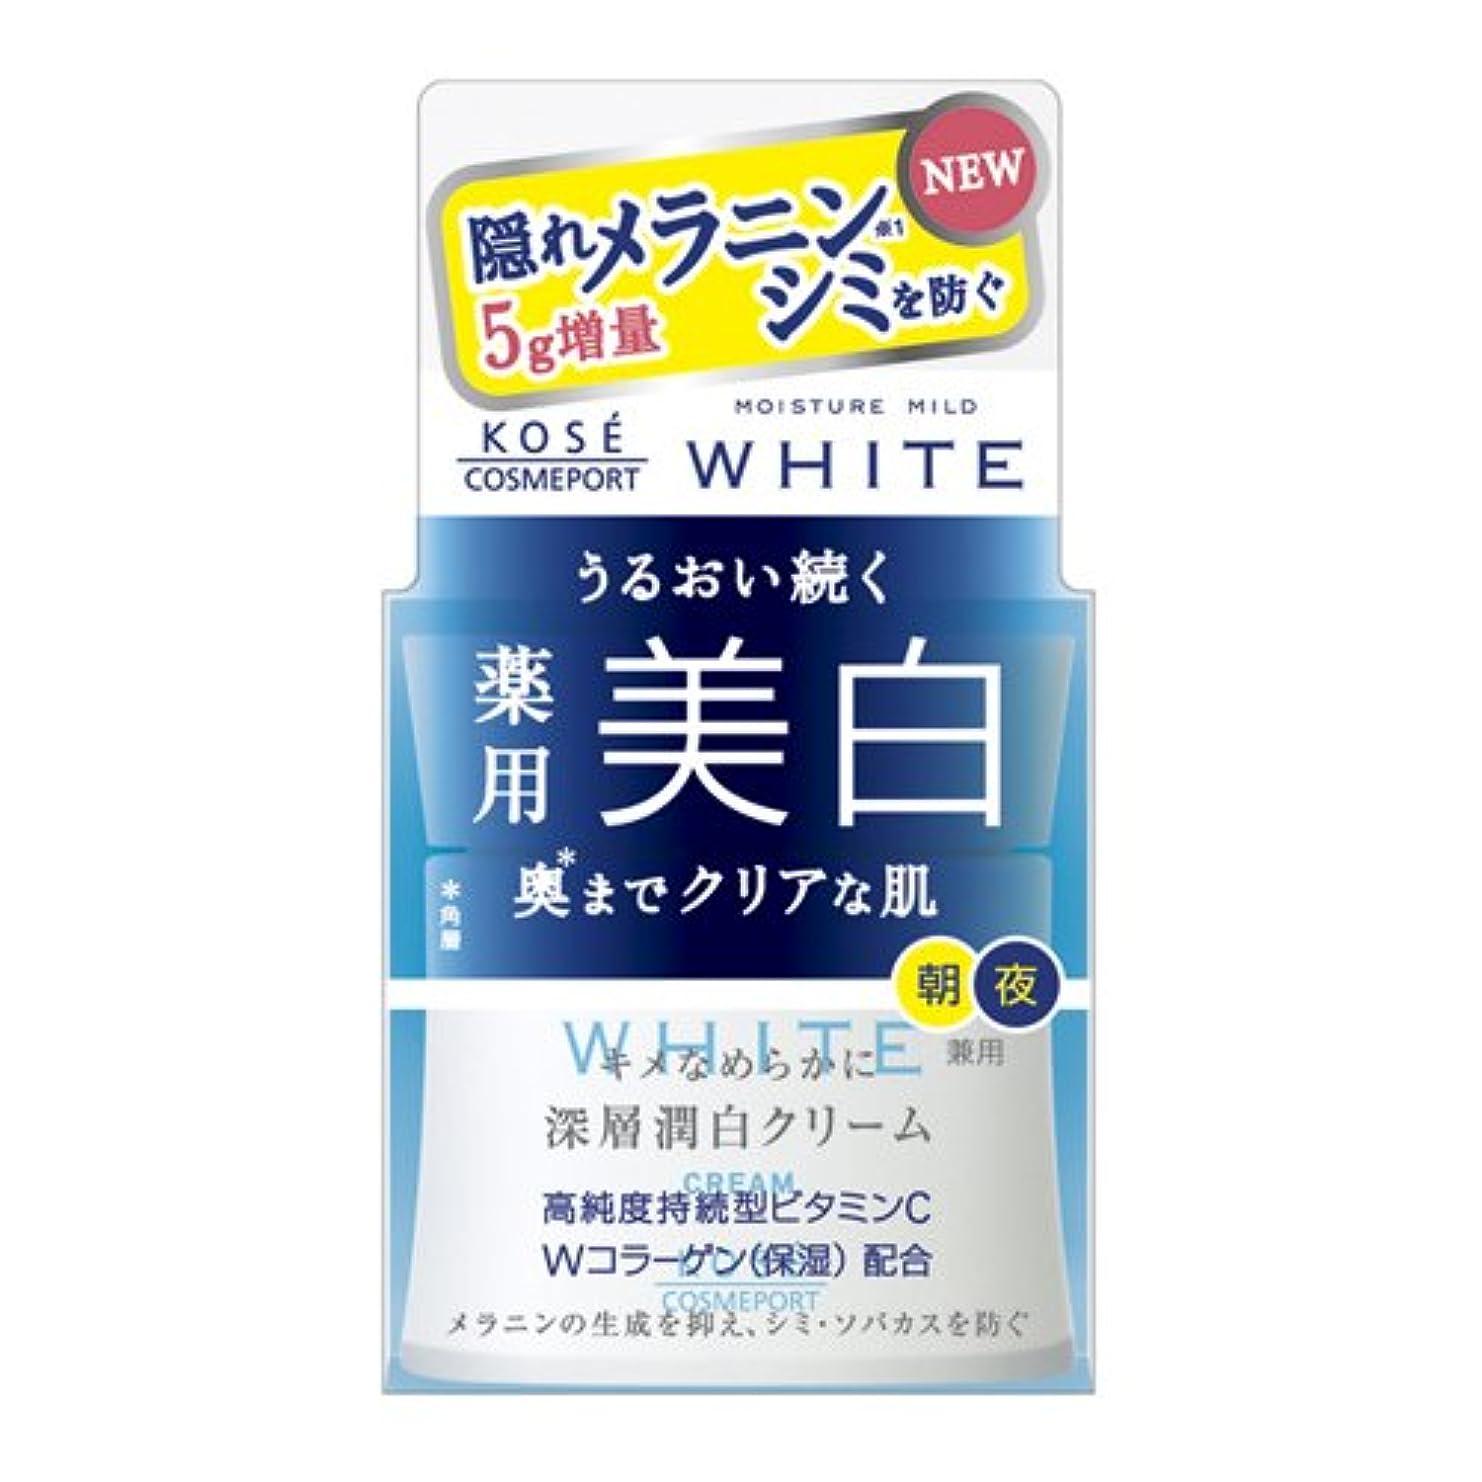 ピジンフィードオン作りますKOSE コーセー モイスチュアマイルド ホワイト クリーム 55g